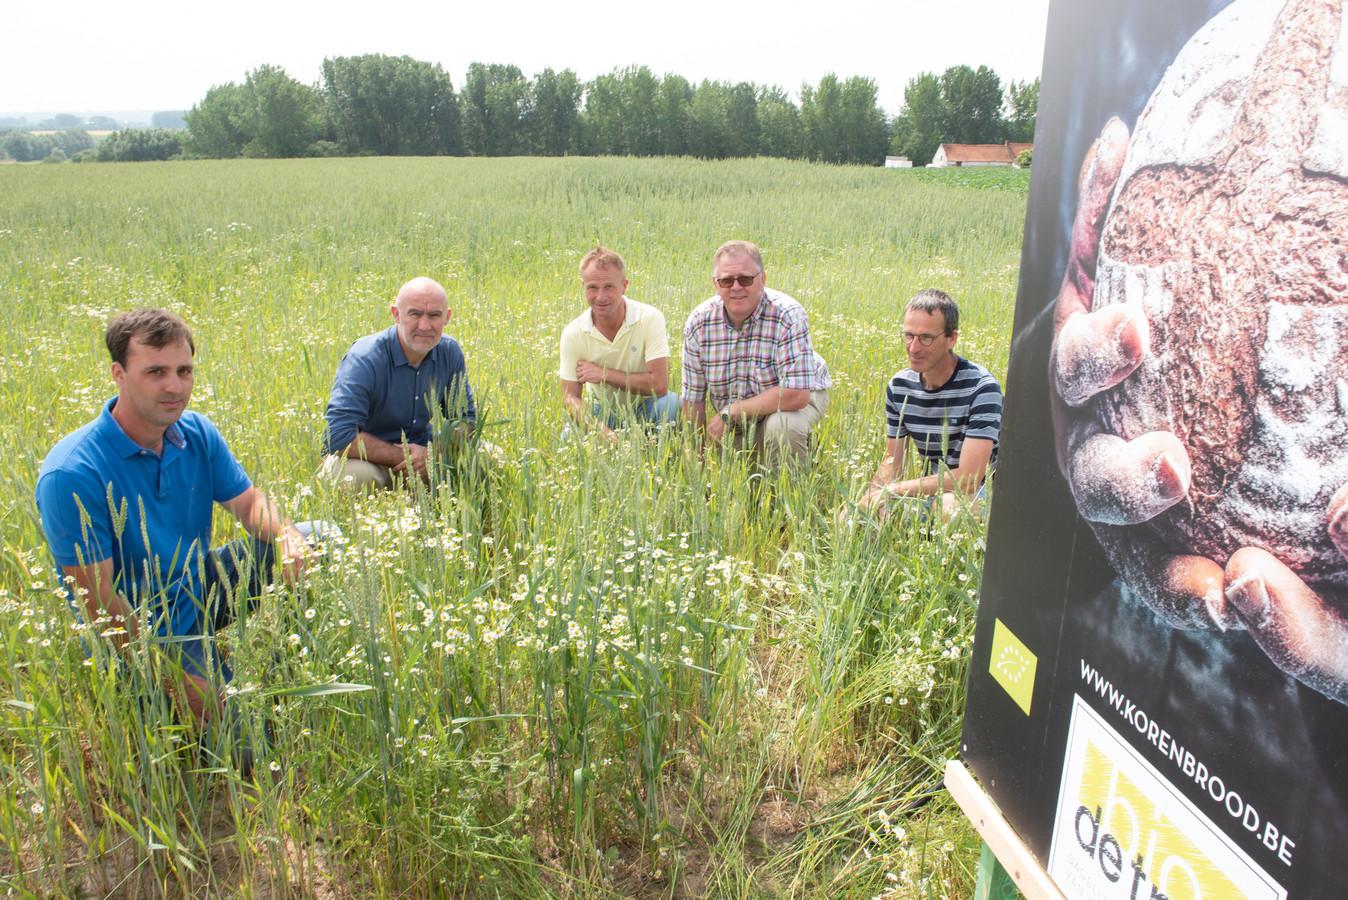 Landbouwer Simon Colembie (links) samen met partners van de korte keten in het veld in Huise waar de verschillende granen door elkaar groeien.